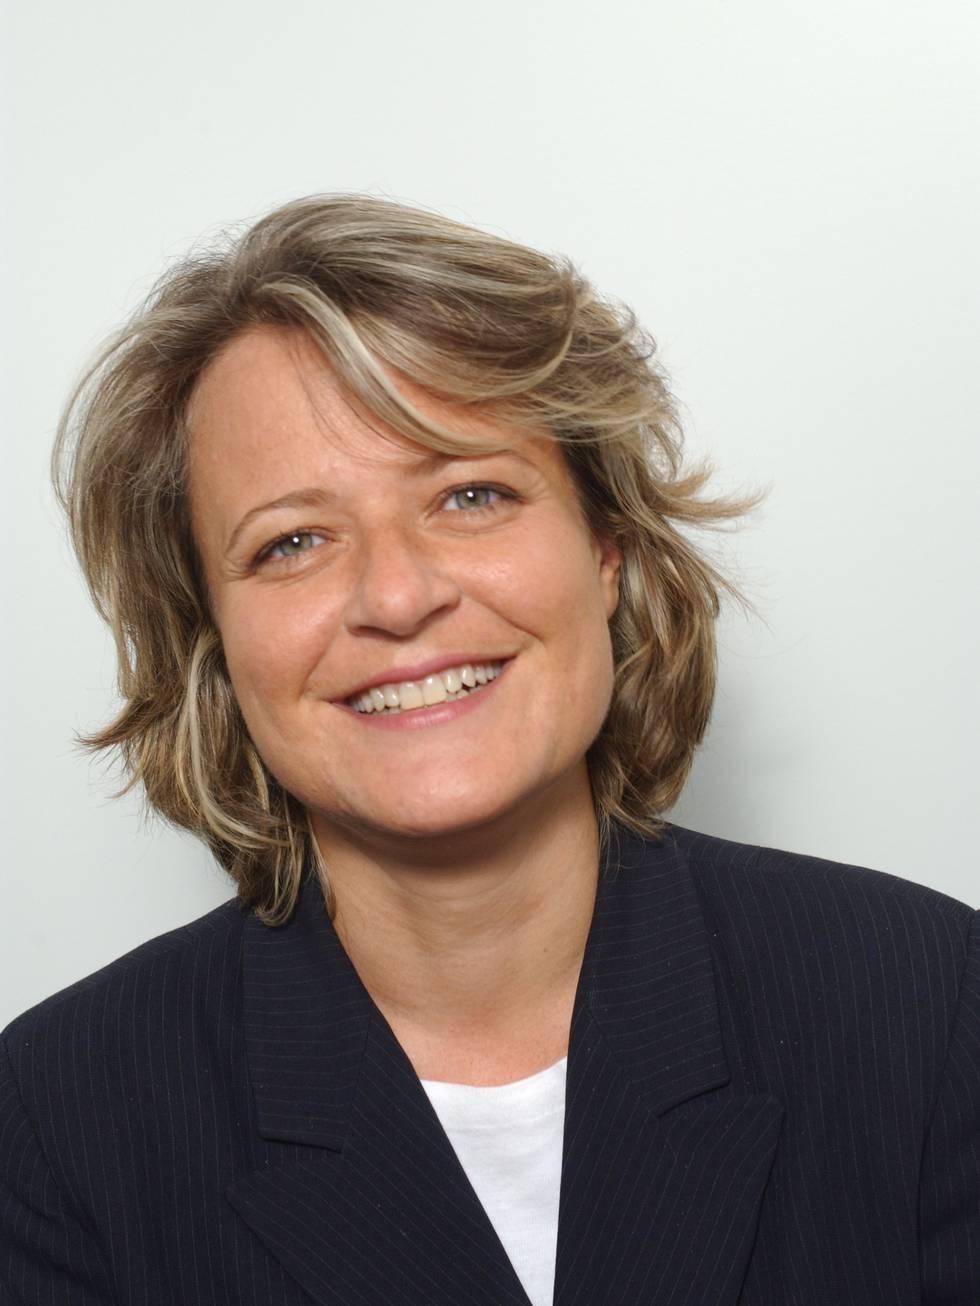 Paola Santangelo